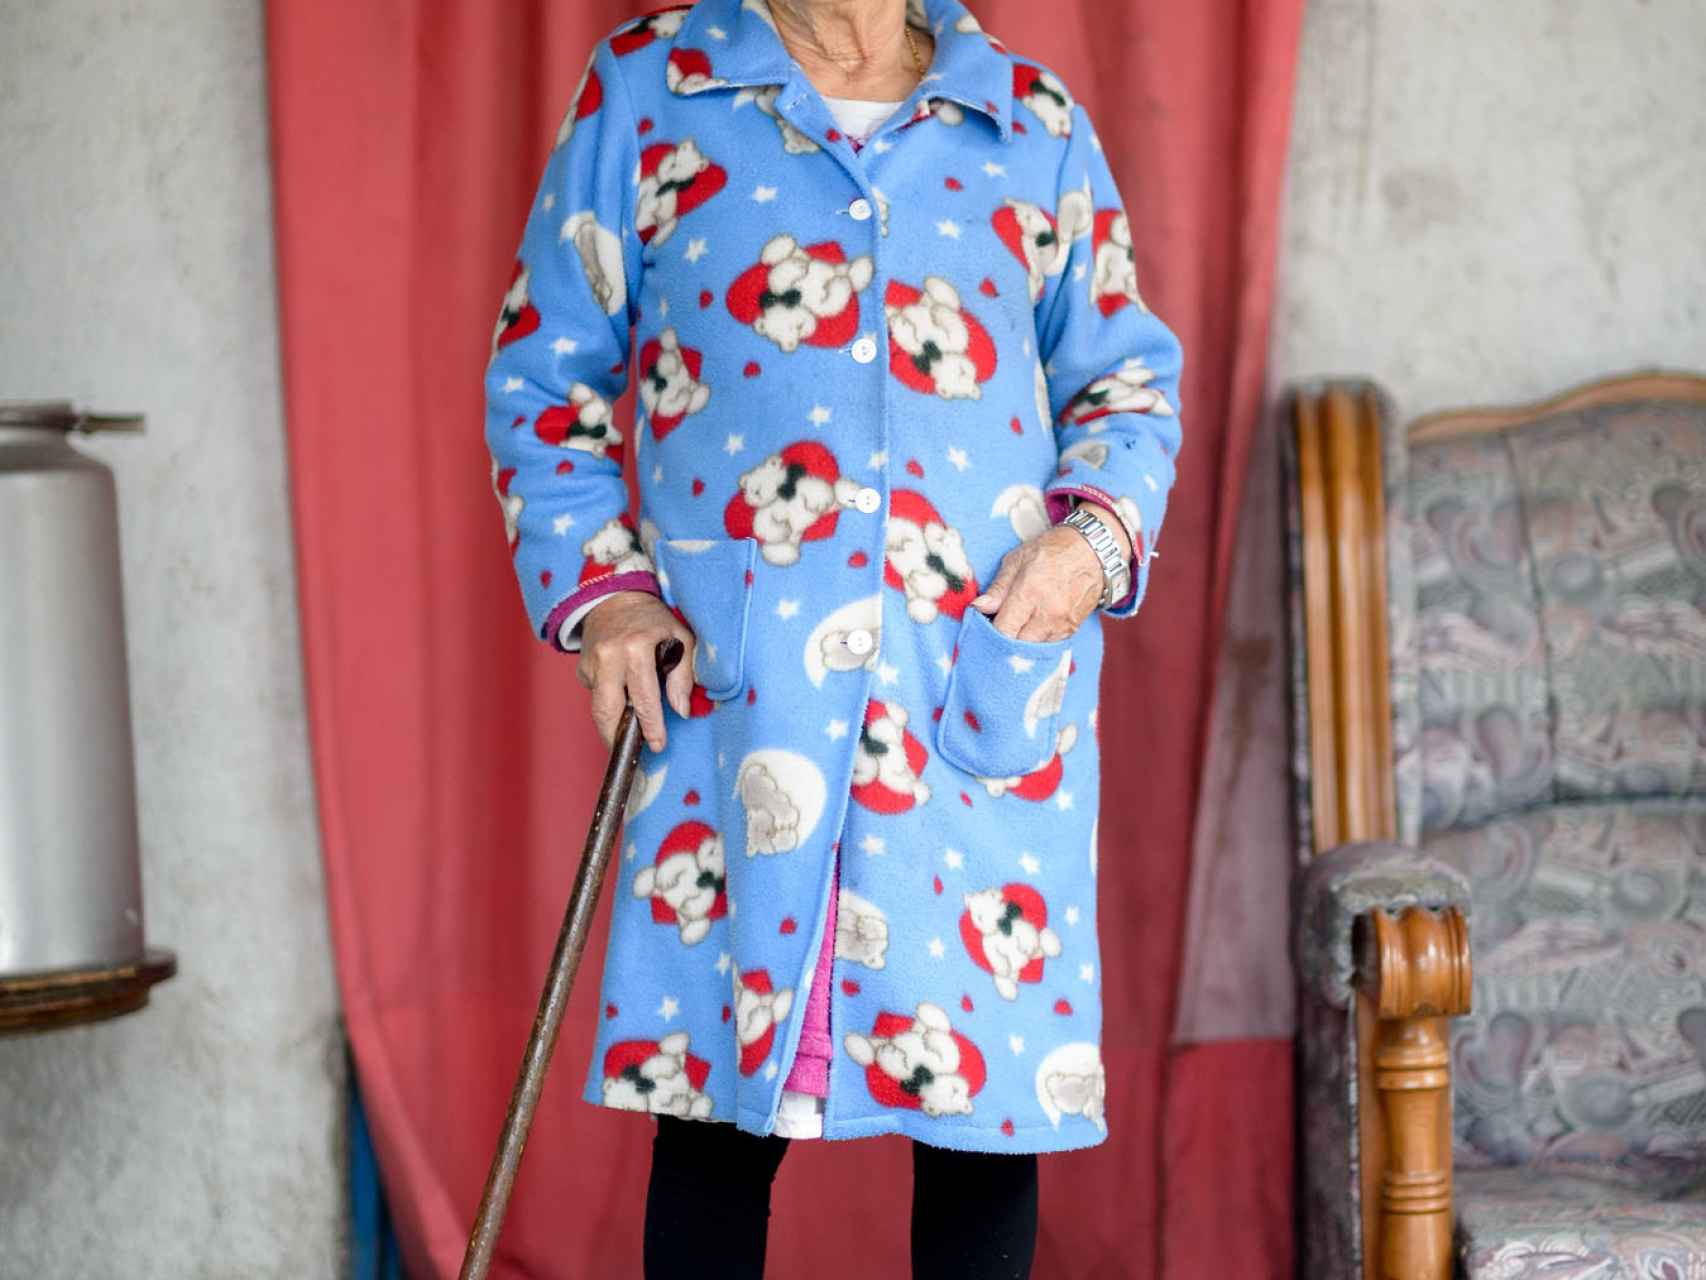 Mercedes lleva 18 años sin salir de la Cañada.